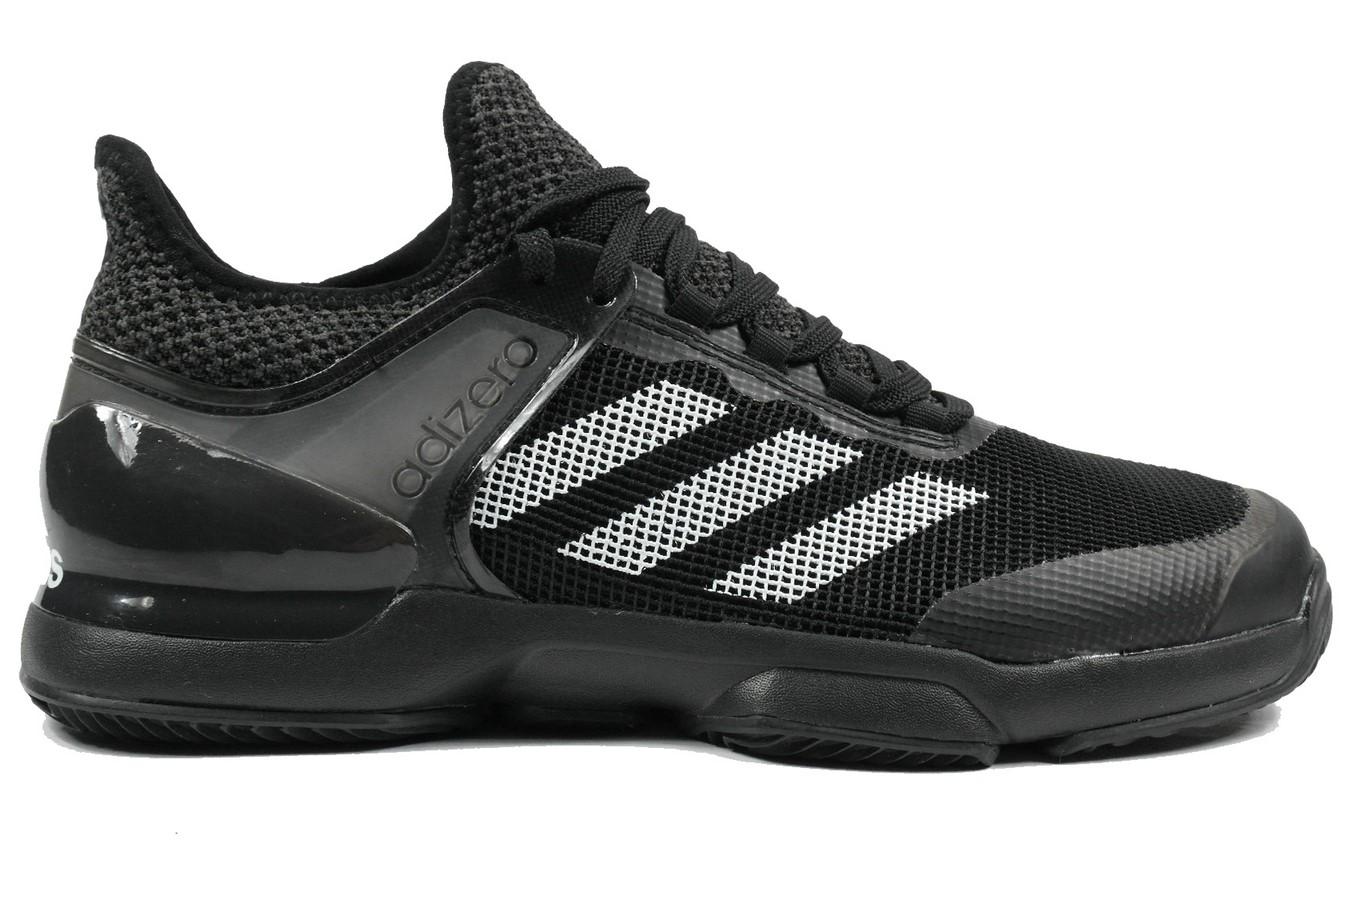 Adidas Adizero ubersonic Cl Heren tennisschoenen